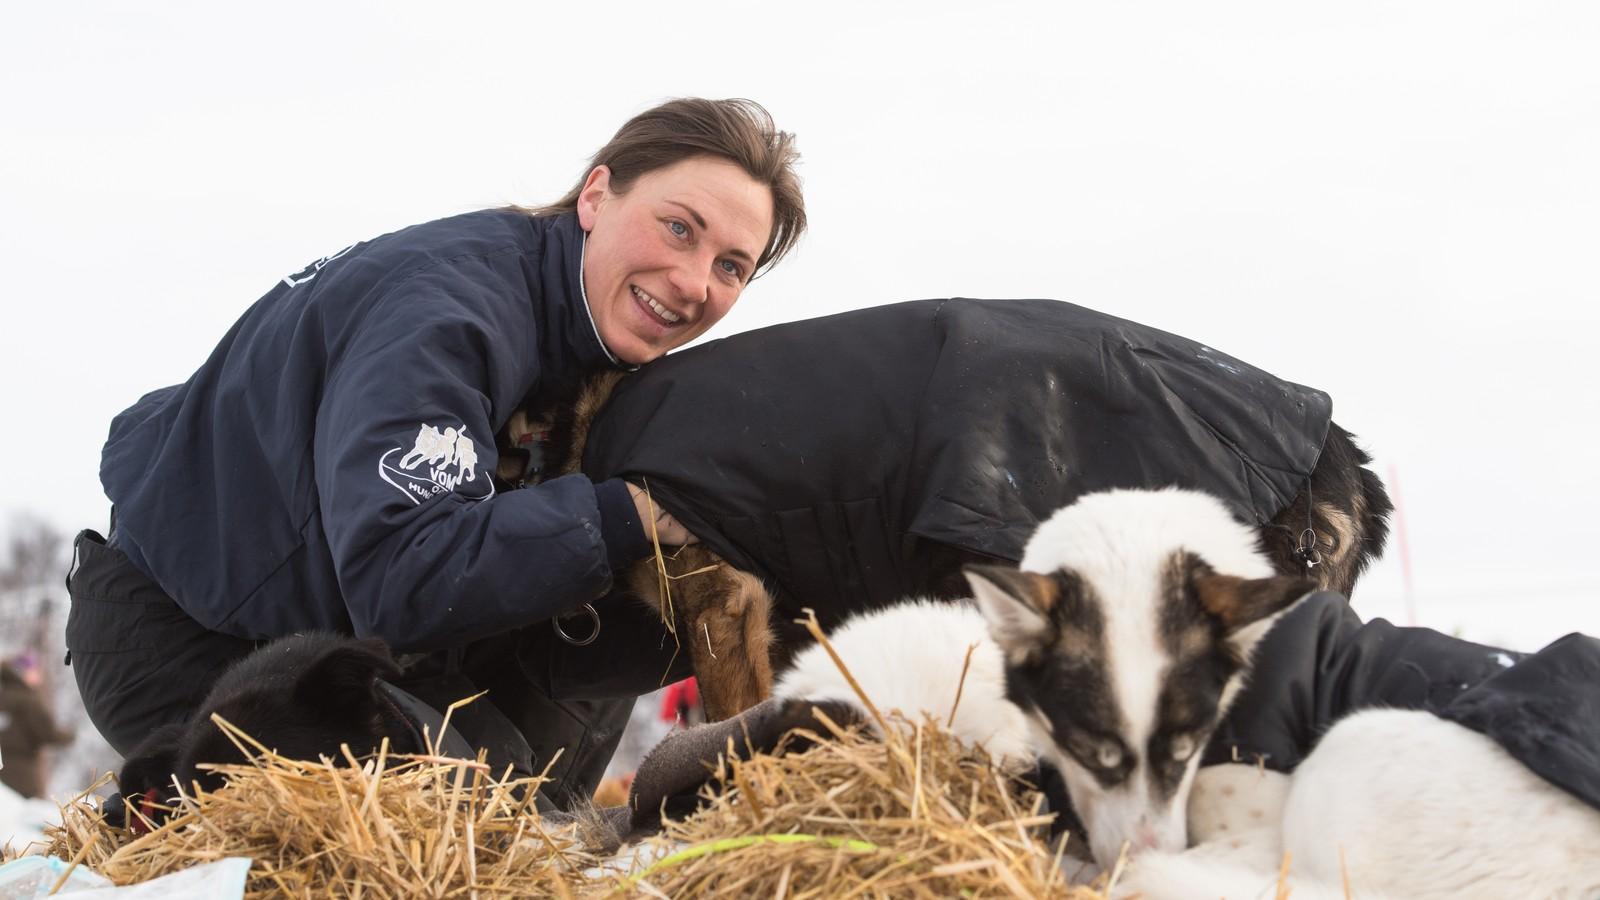 En av favorittene foran årets løp, Marit Beate Kasin, er på sjekkpunktet i Neiden usikker på om hun klarer å holde tritt med teten helt inn til mål i Alta. – Nå vil hundene helst hvile seg i halmen, selv om de har topp humør, sier Kasin.